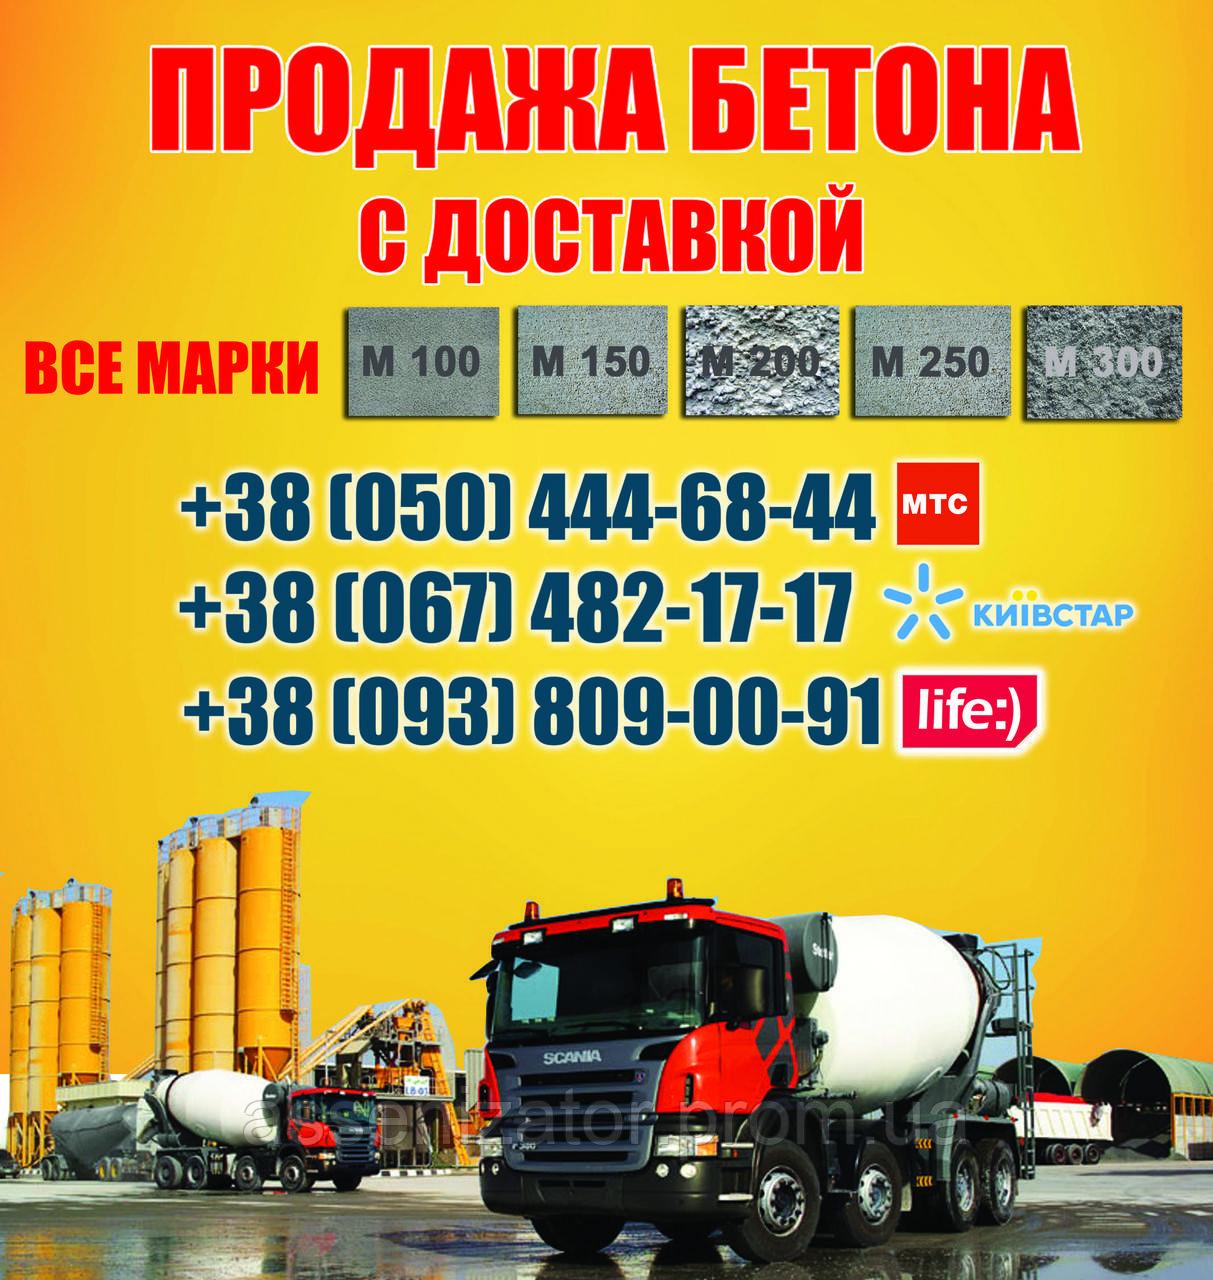 Бетон 00 купить бетон в донецке с доставкой